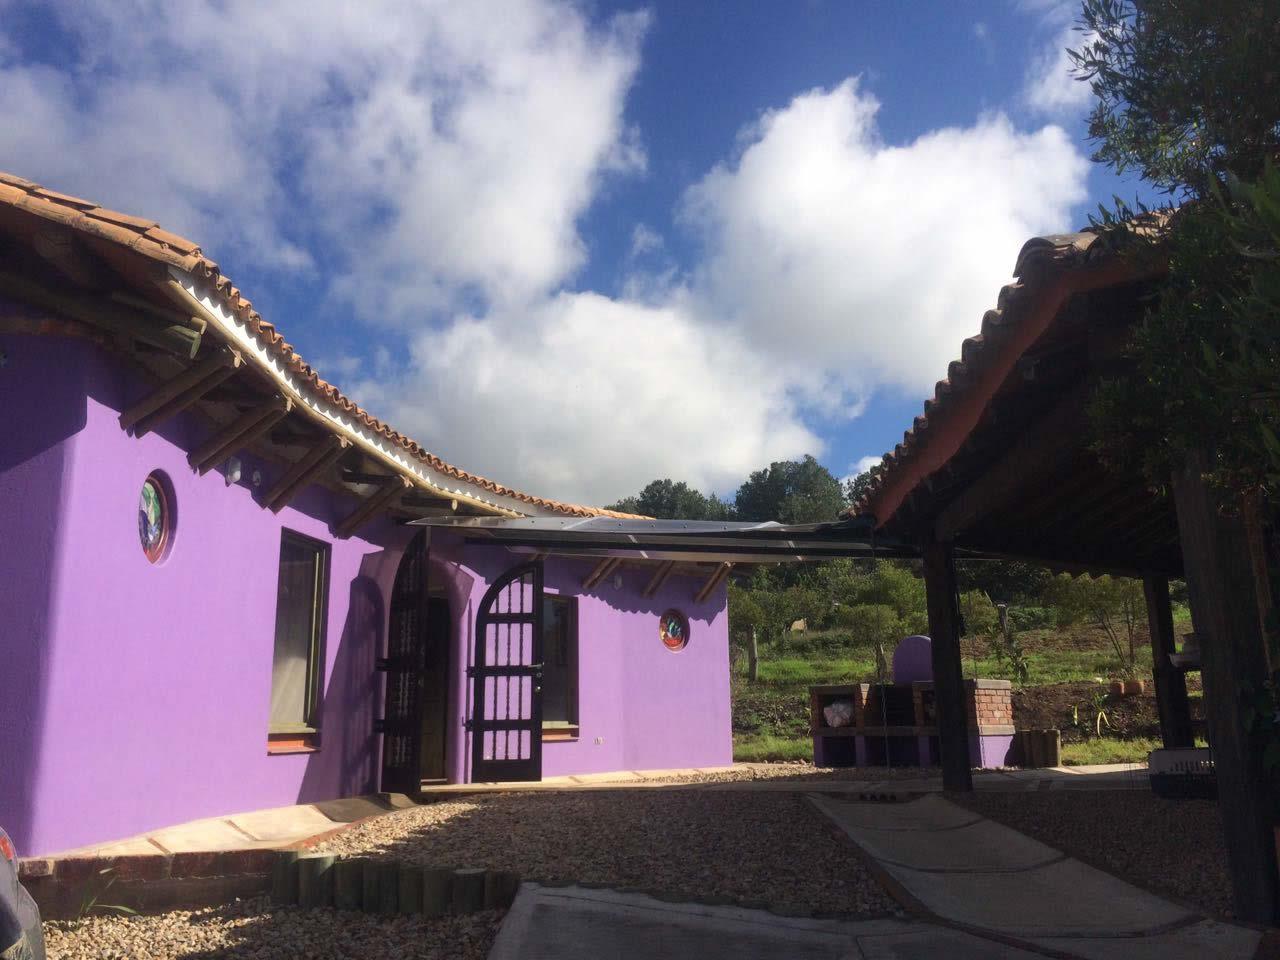 alqAlquiler casa Jishana Villa de Leyva - Paso de habitaciones al área social